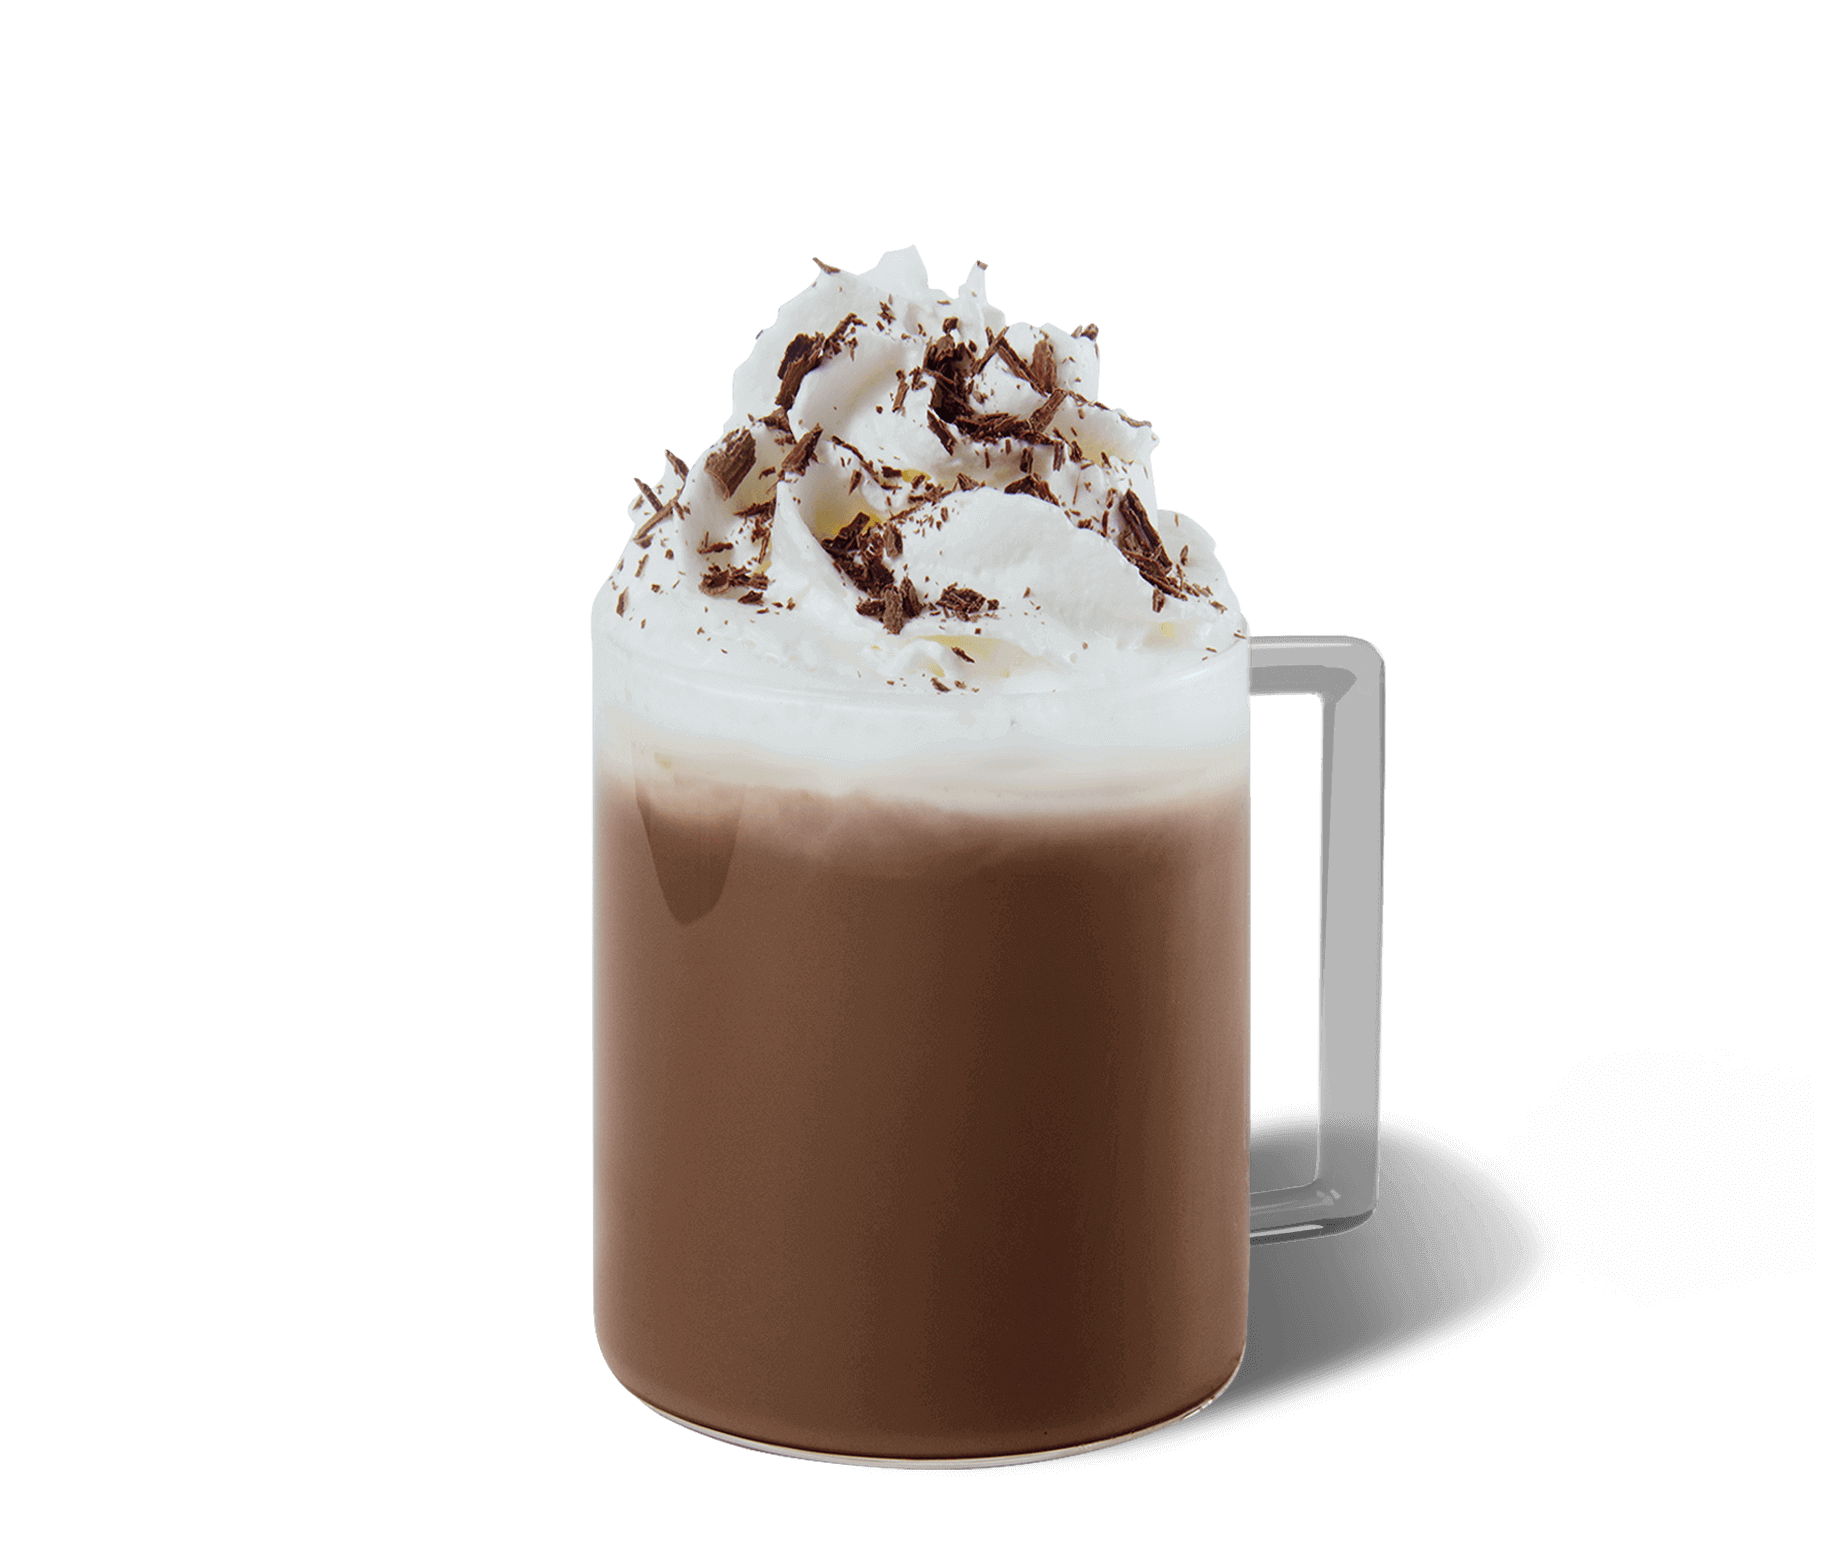 CafeMocha_LongShadow_Cream